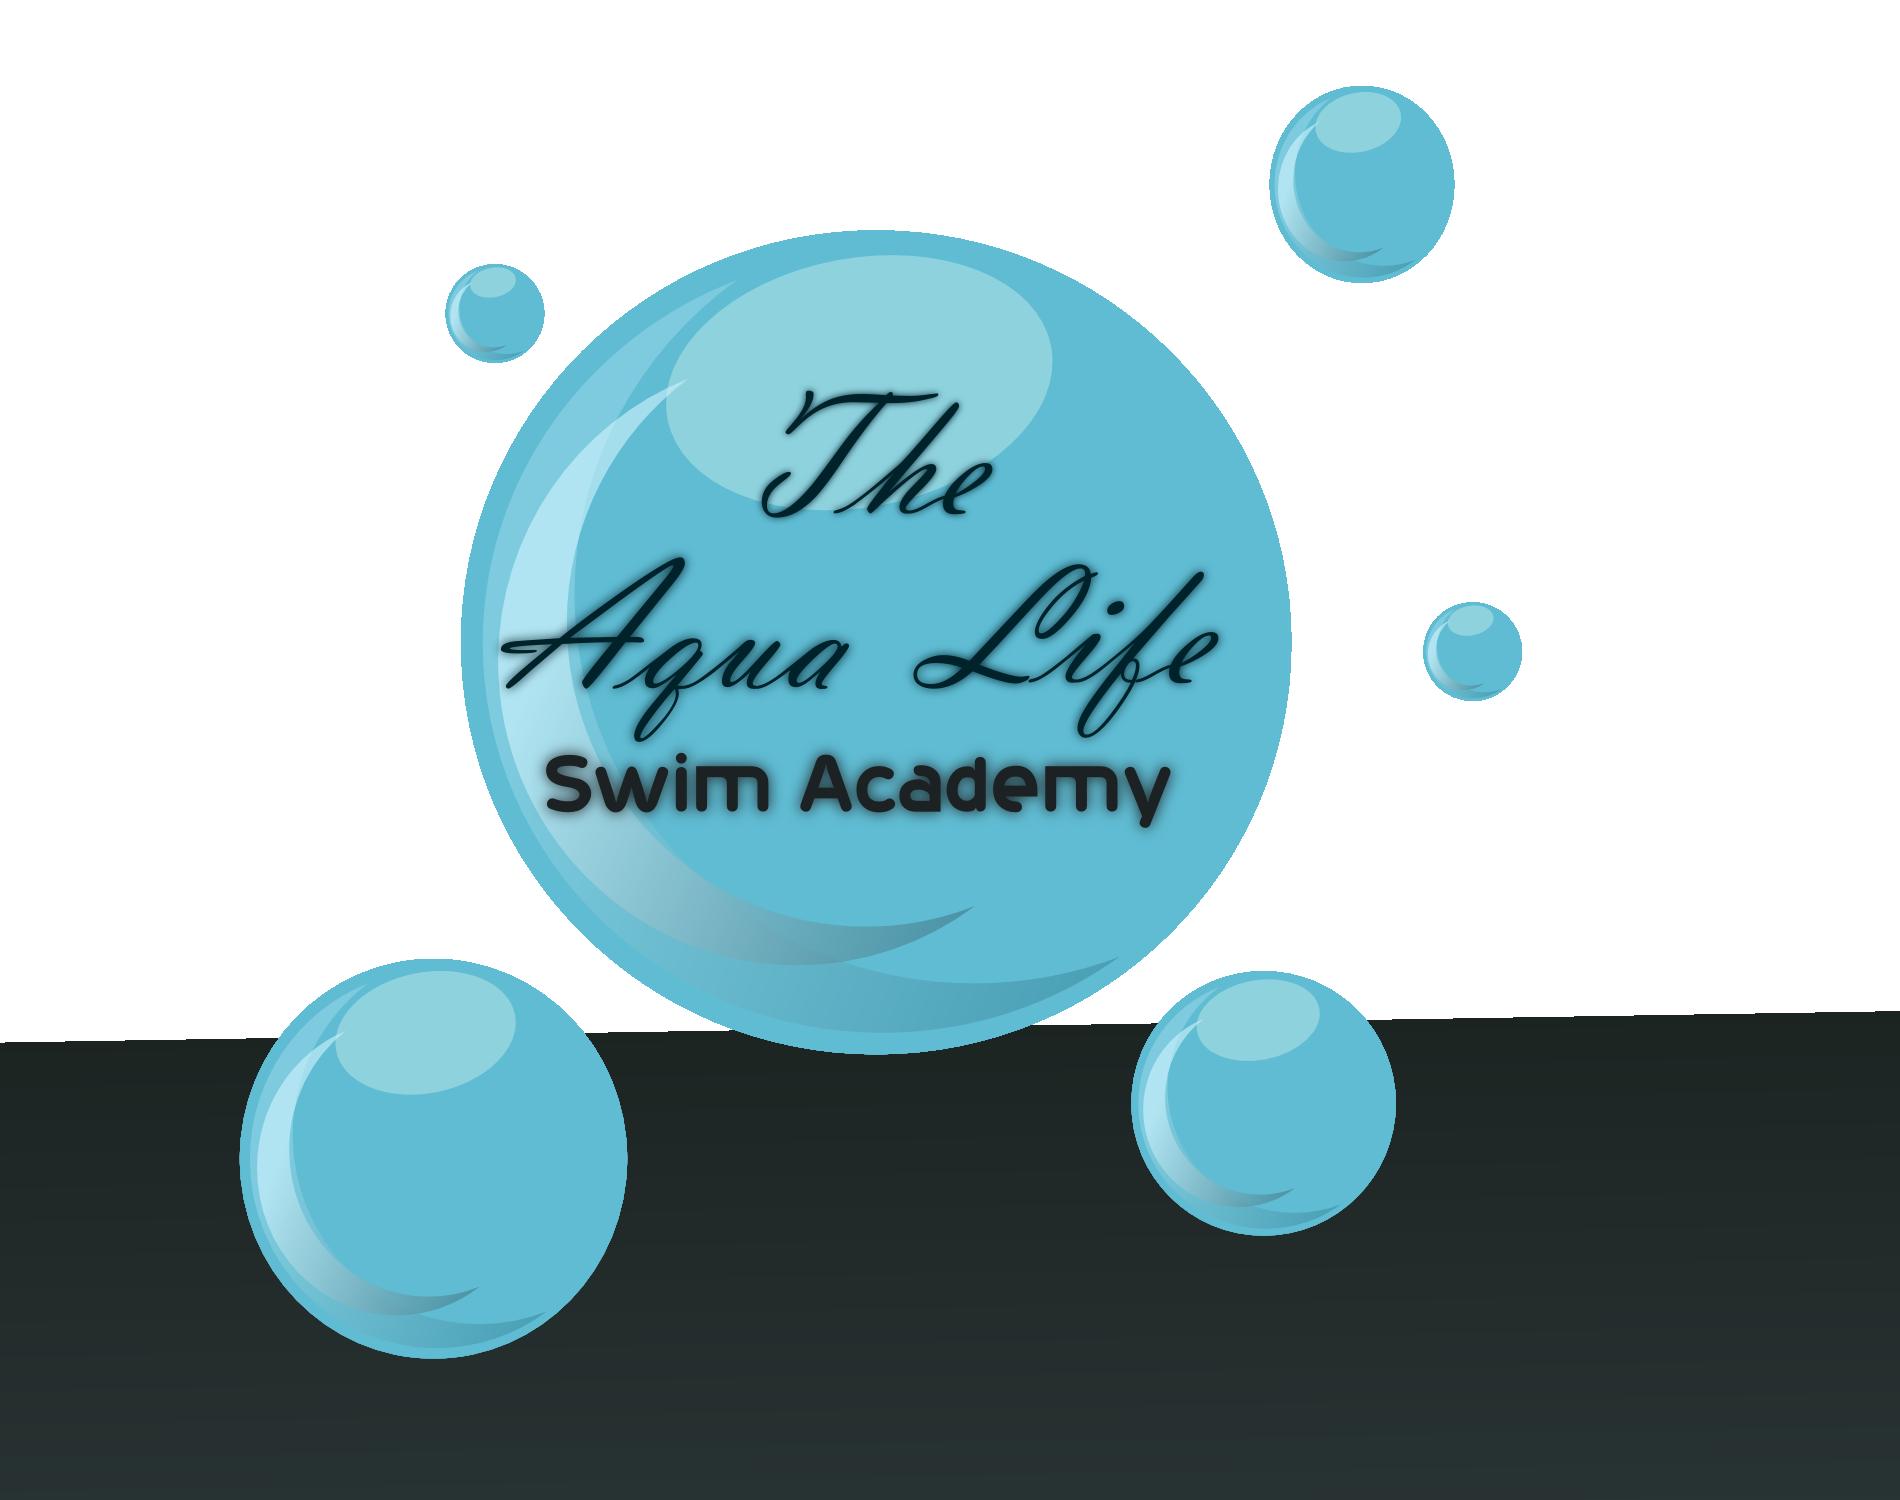 Logo Design by Arindam Khanda - Entry No. 57 in the Logo Design Contest Artistic Logo Design Wanted for The Aqua Life Swim Academy.